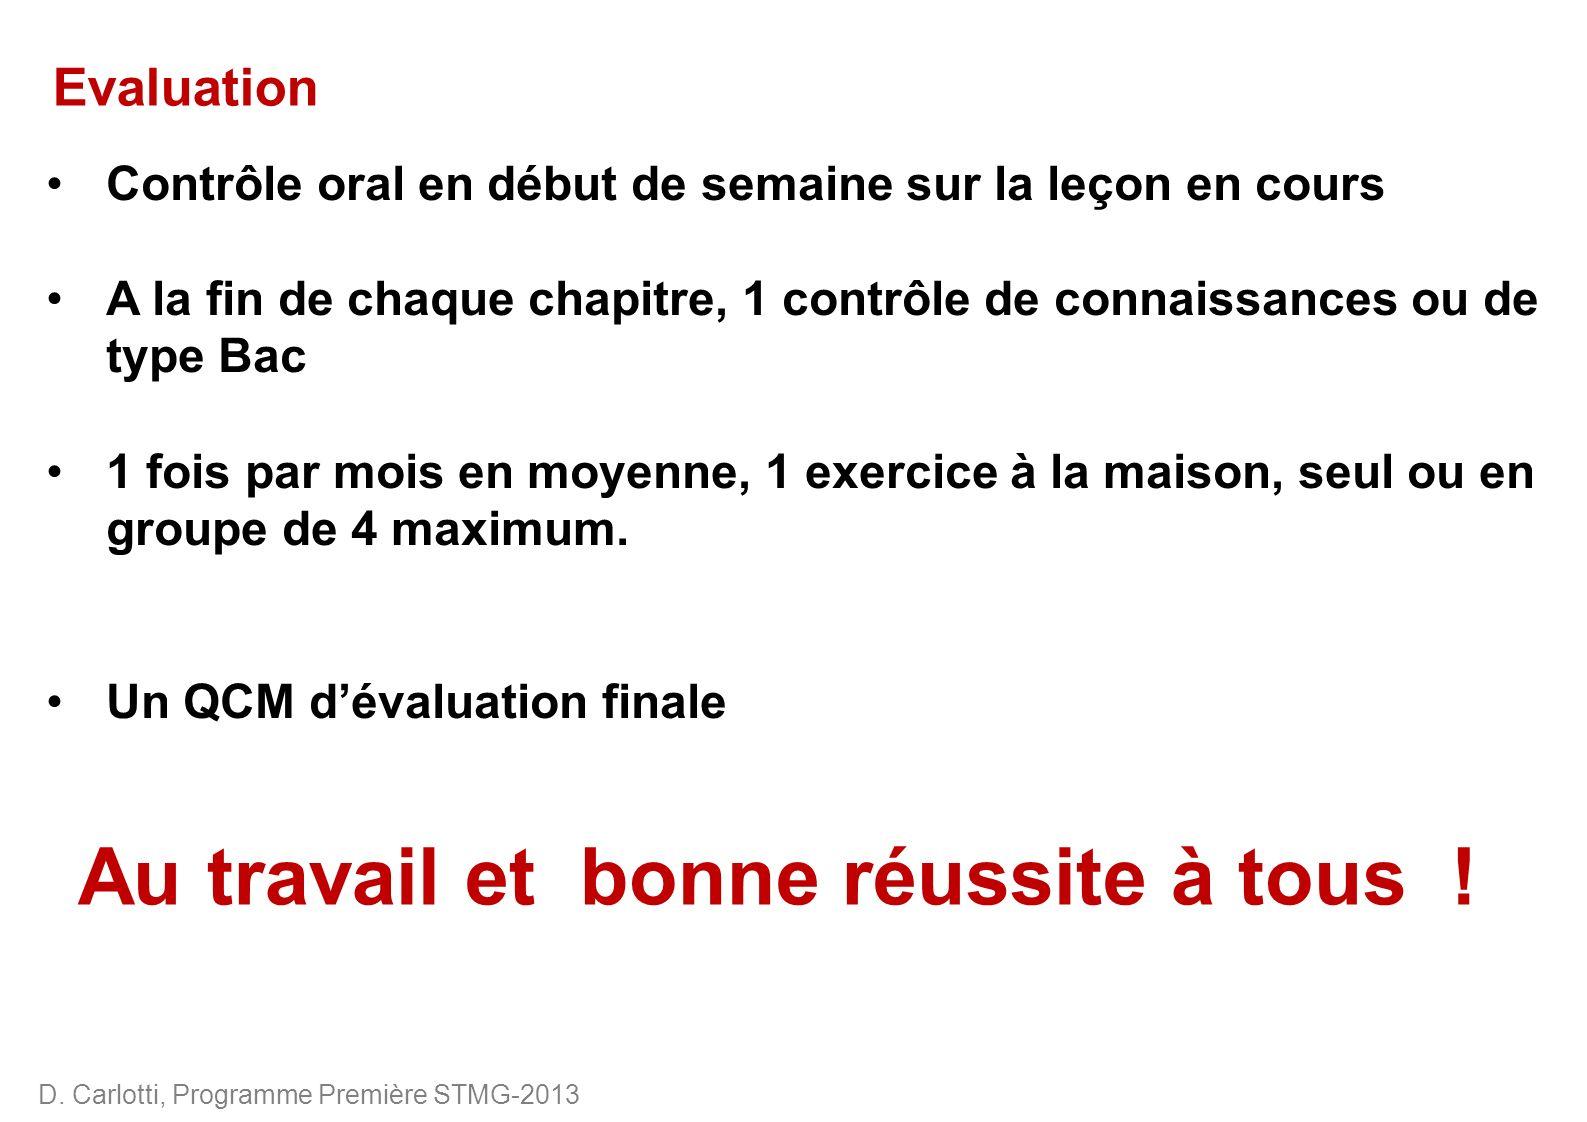 D. Carlotti, Programme Première STMG-2013 Evaluation Contrôle oral en début de semaine sur la leçon en cours A la fin de chaque chapitre, 1 contrôle d